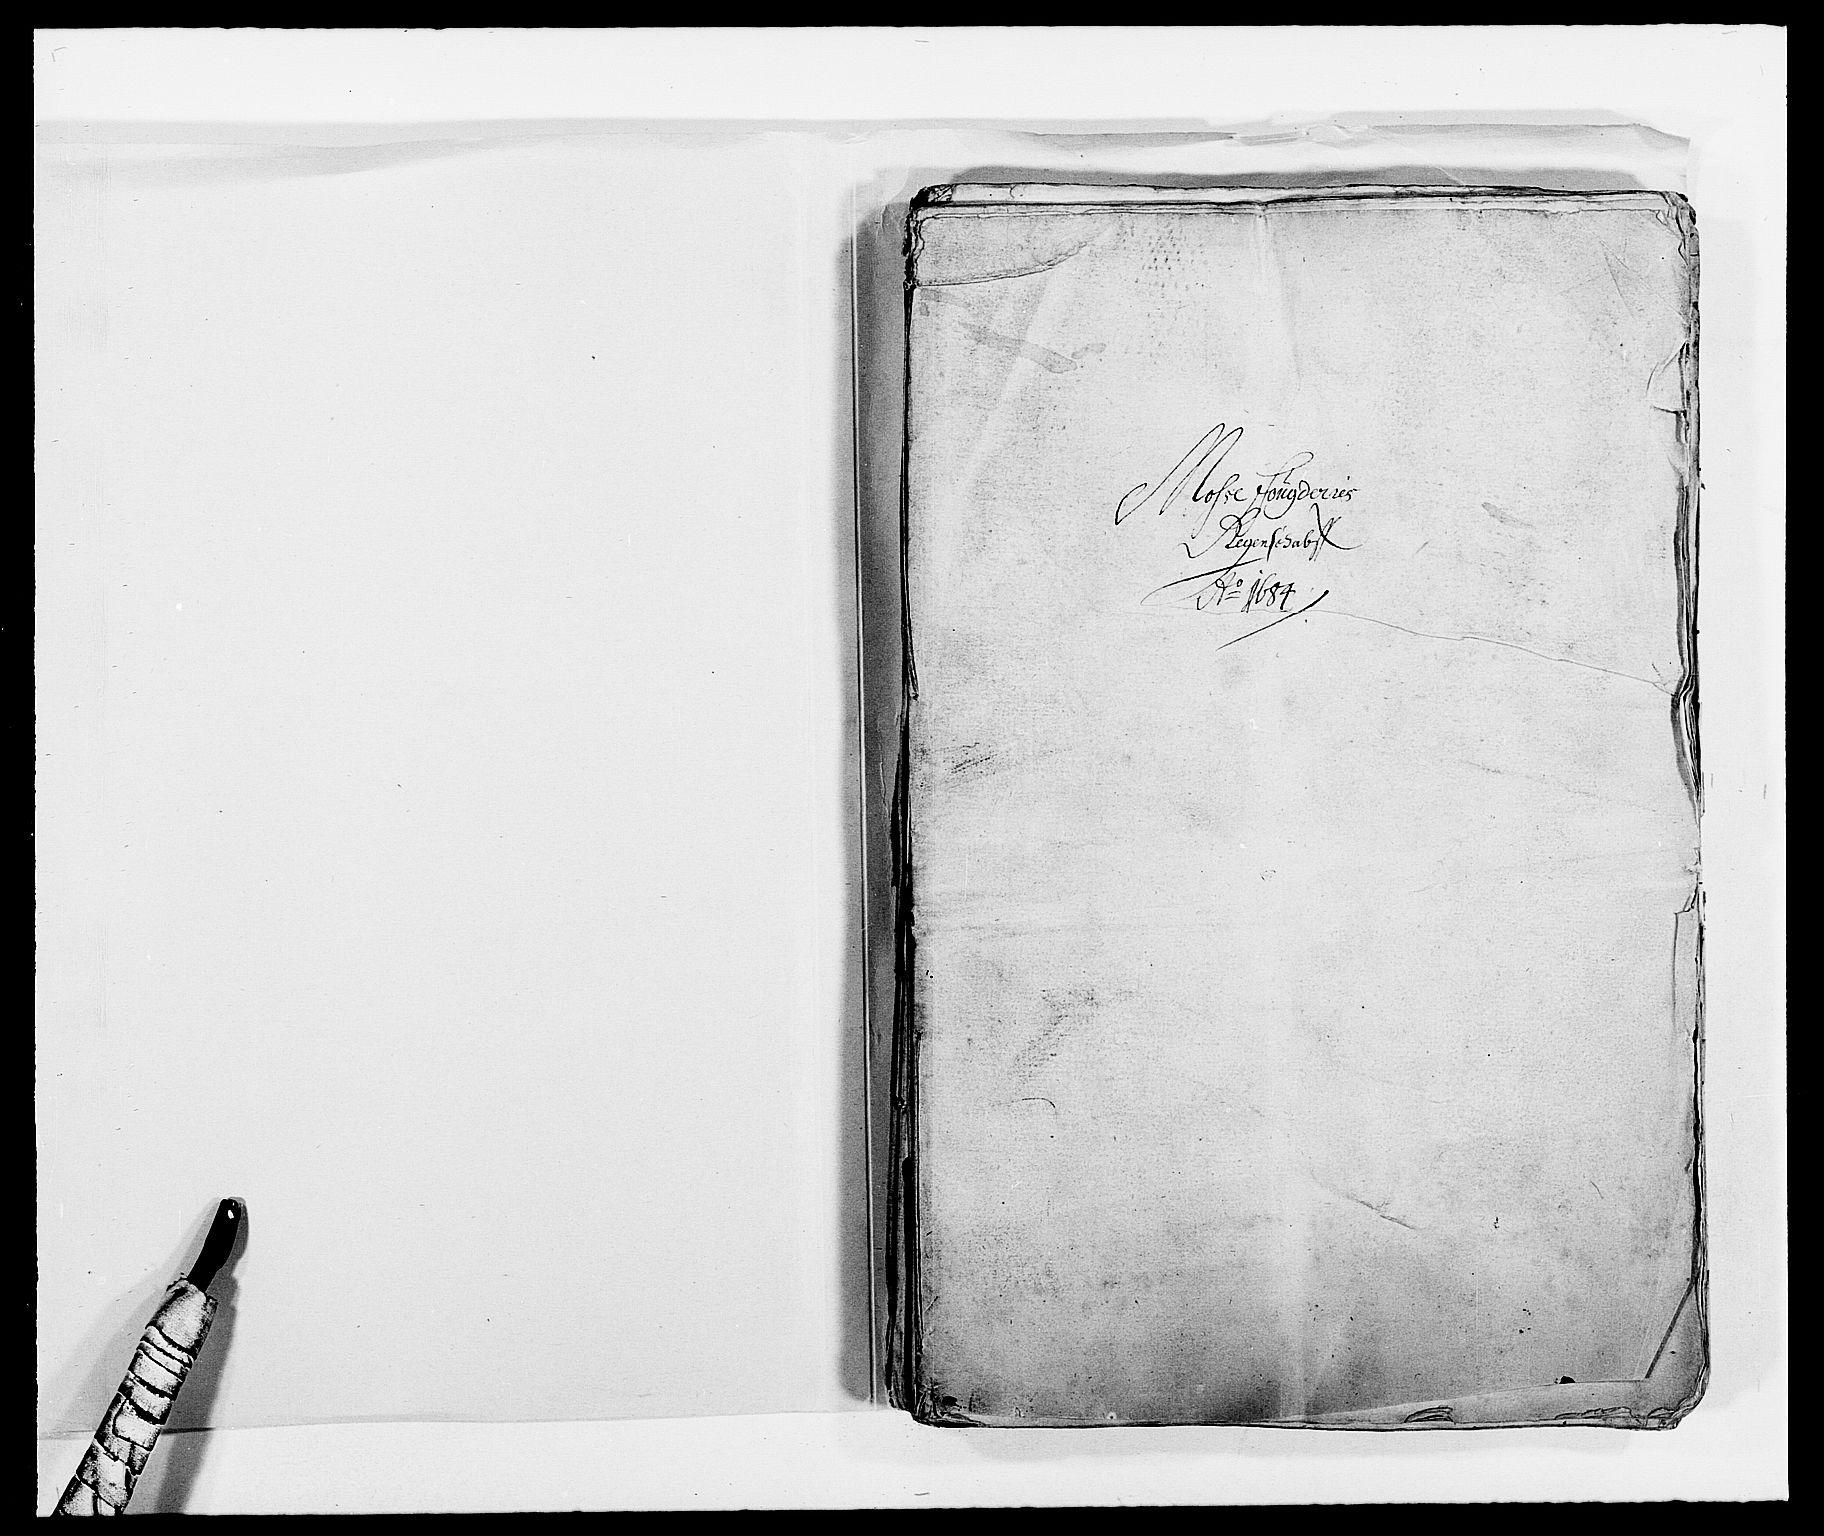 RA, Rentekammeret inntil 1814, Reviderte regnskaper, Fogderegnskap, R02/L0103: Fogderegnskap Moss og Verne kloster, 1682-1684, s. 444